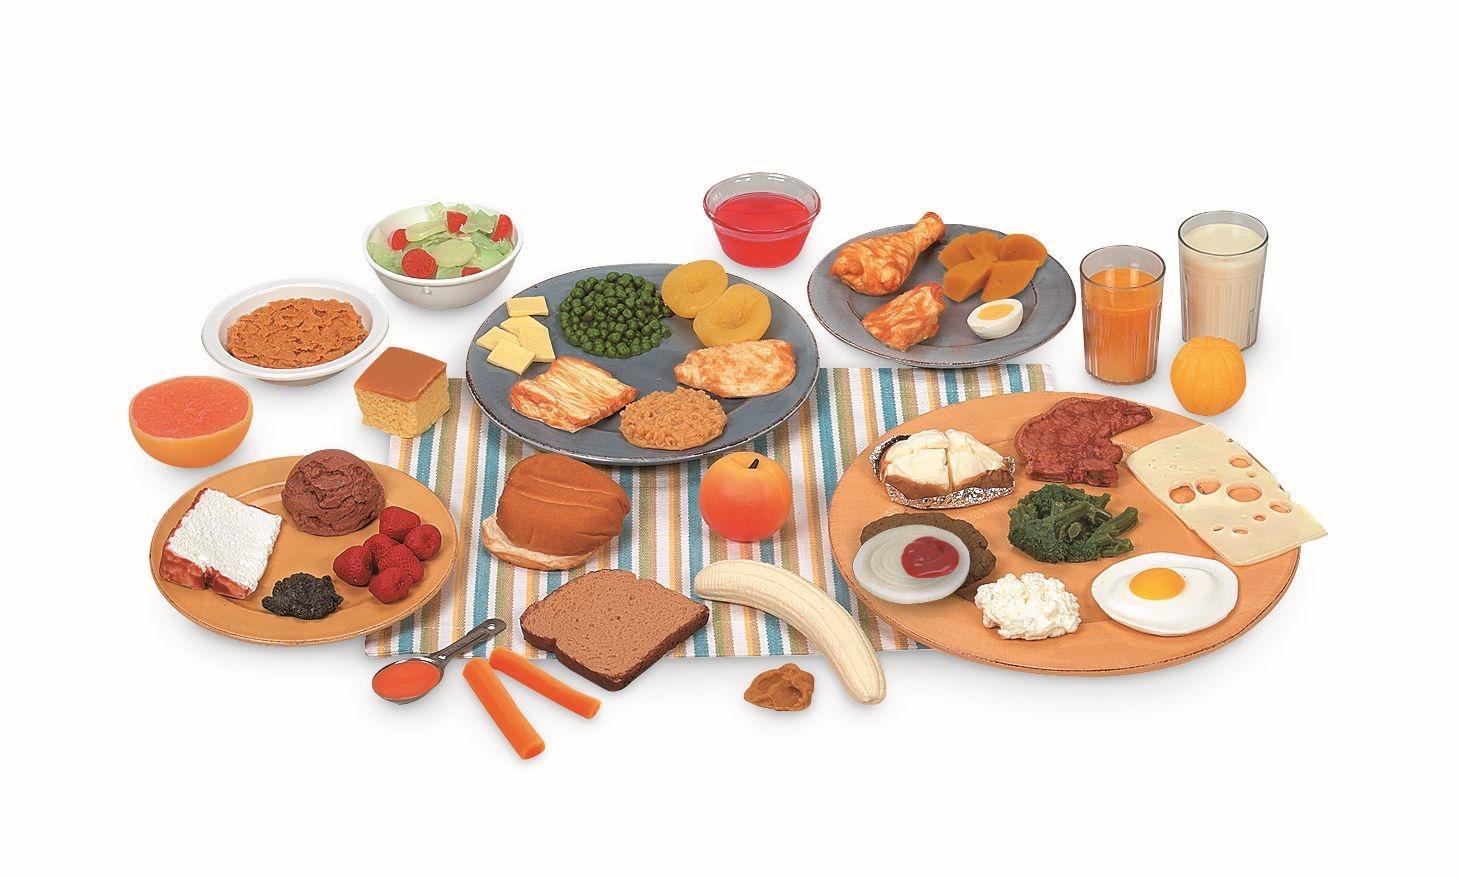 Paquetes de réplicas de alimentos Nasco